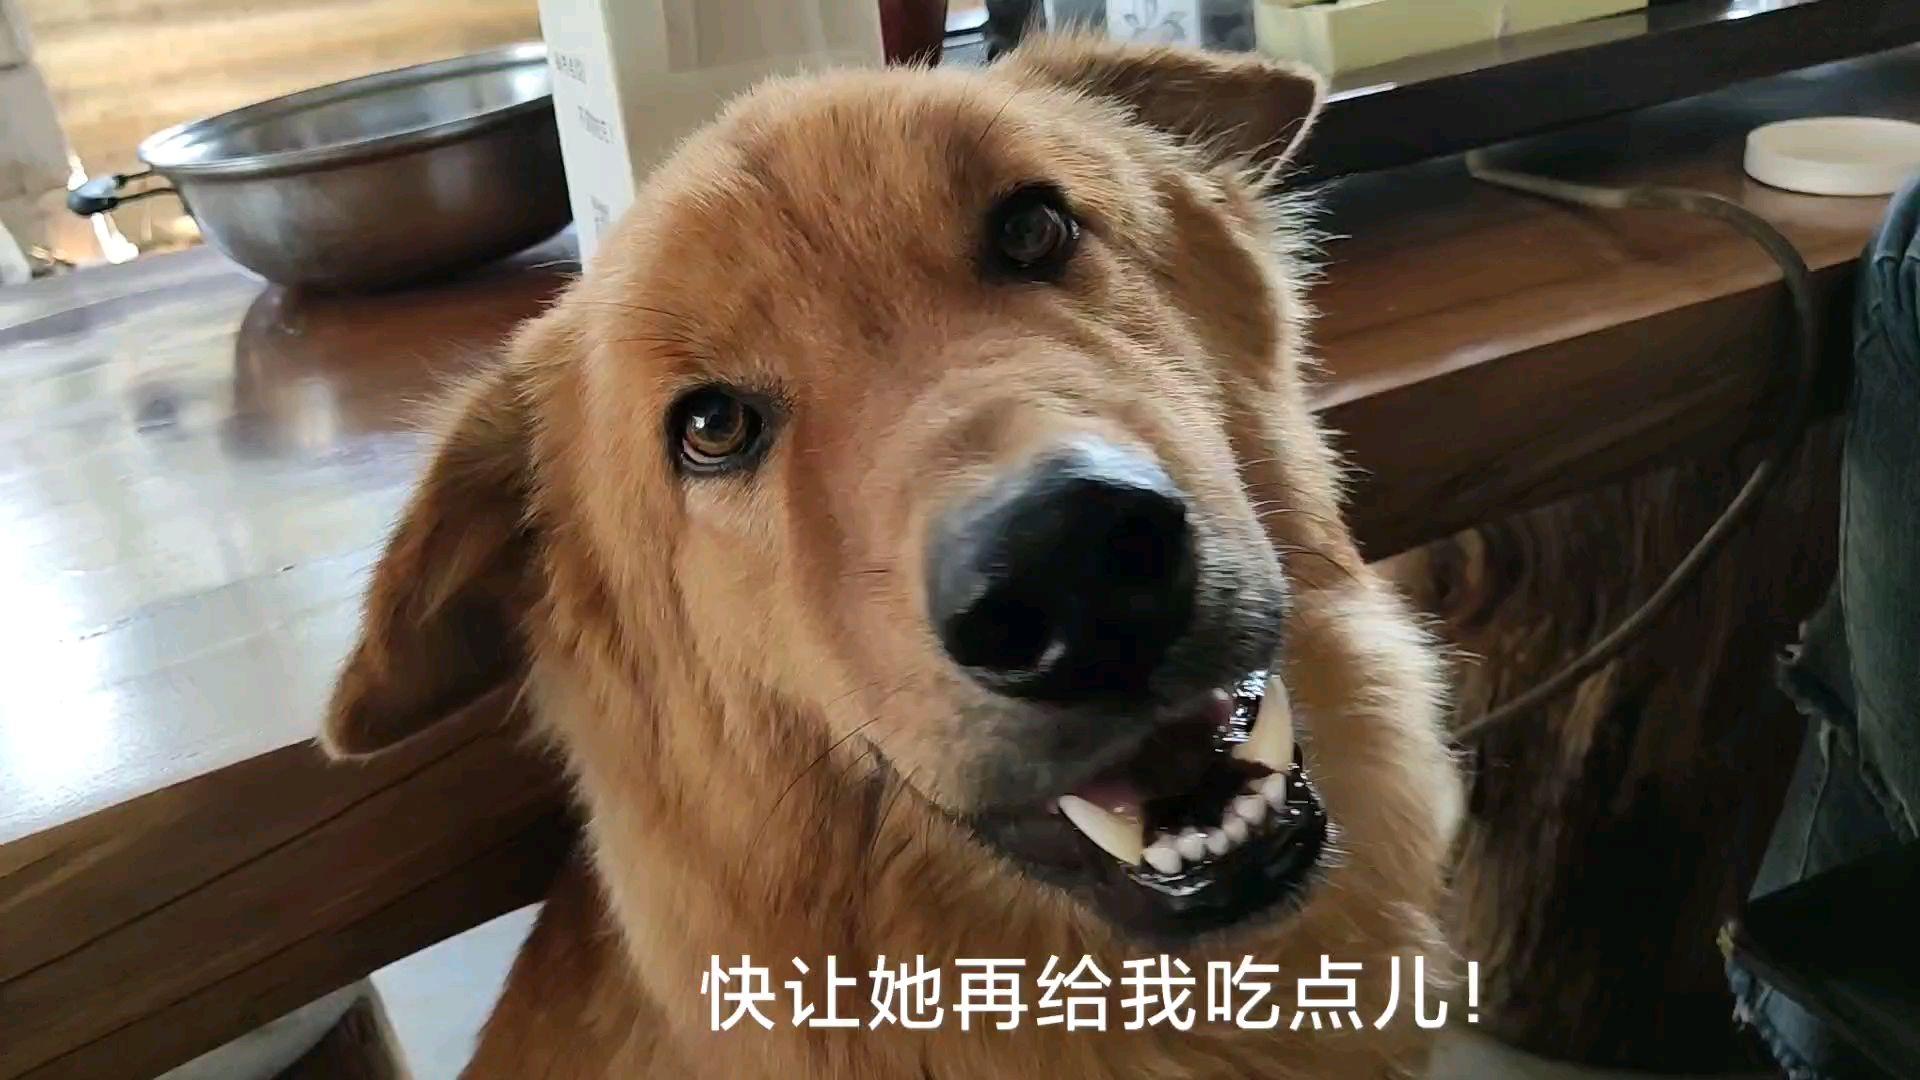 【中华田园猪】给狗子急的都快说话了